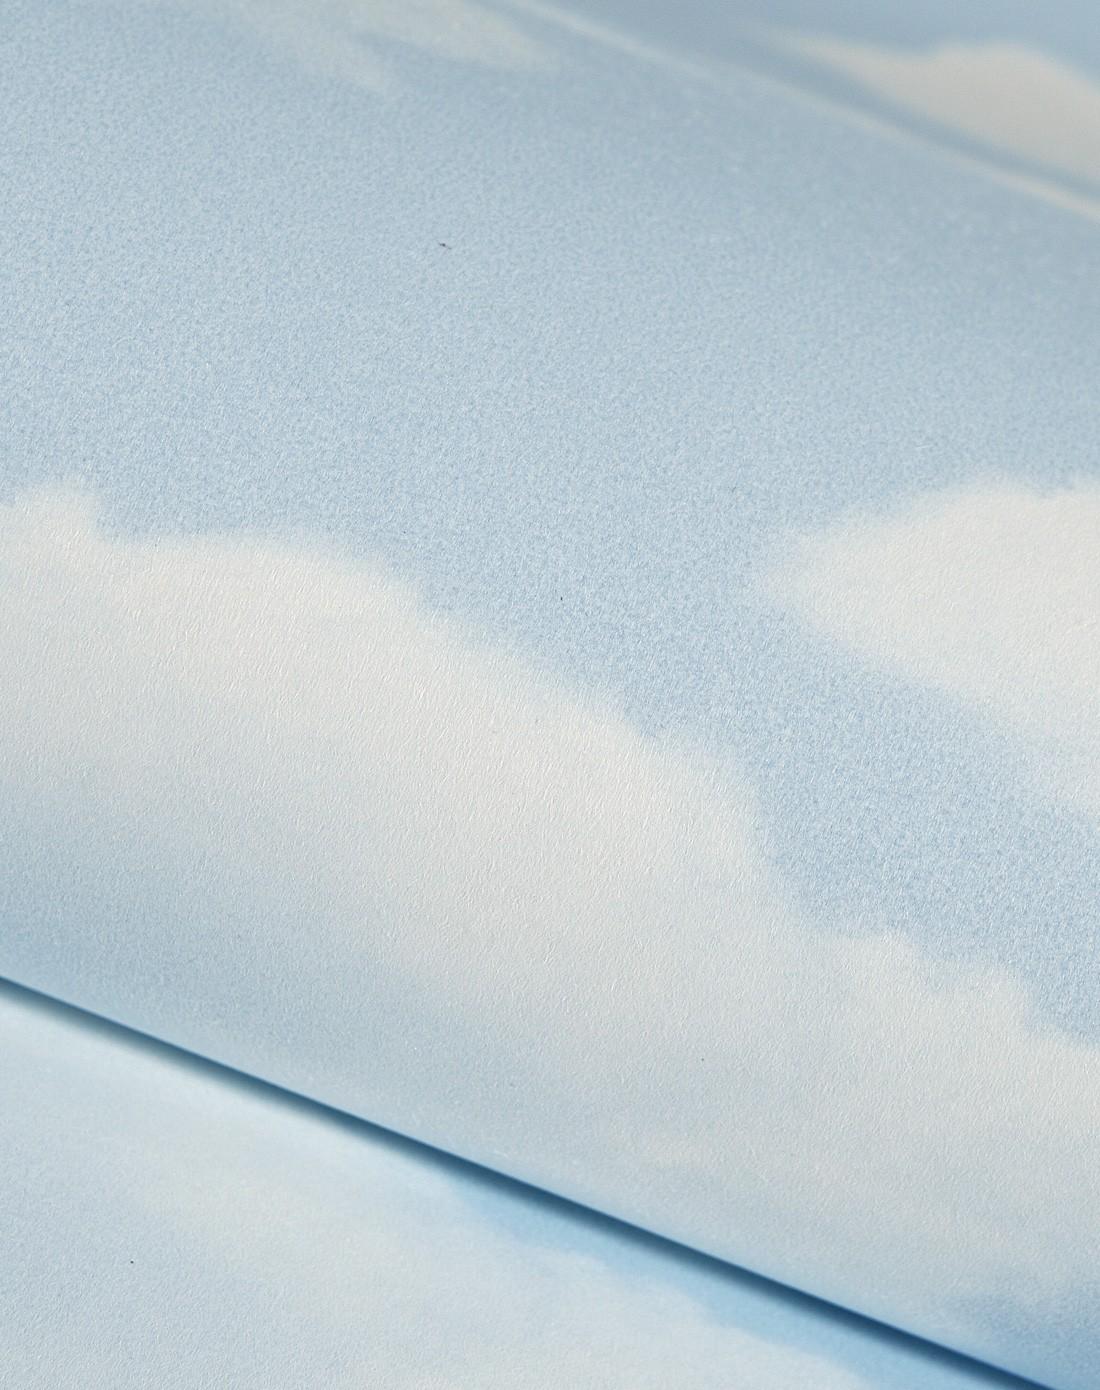 纸尚美学墙纸专场 > 天蓝色儿童房蓝色天空环保无纺布壁纸